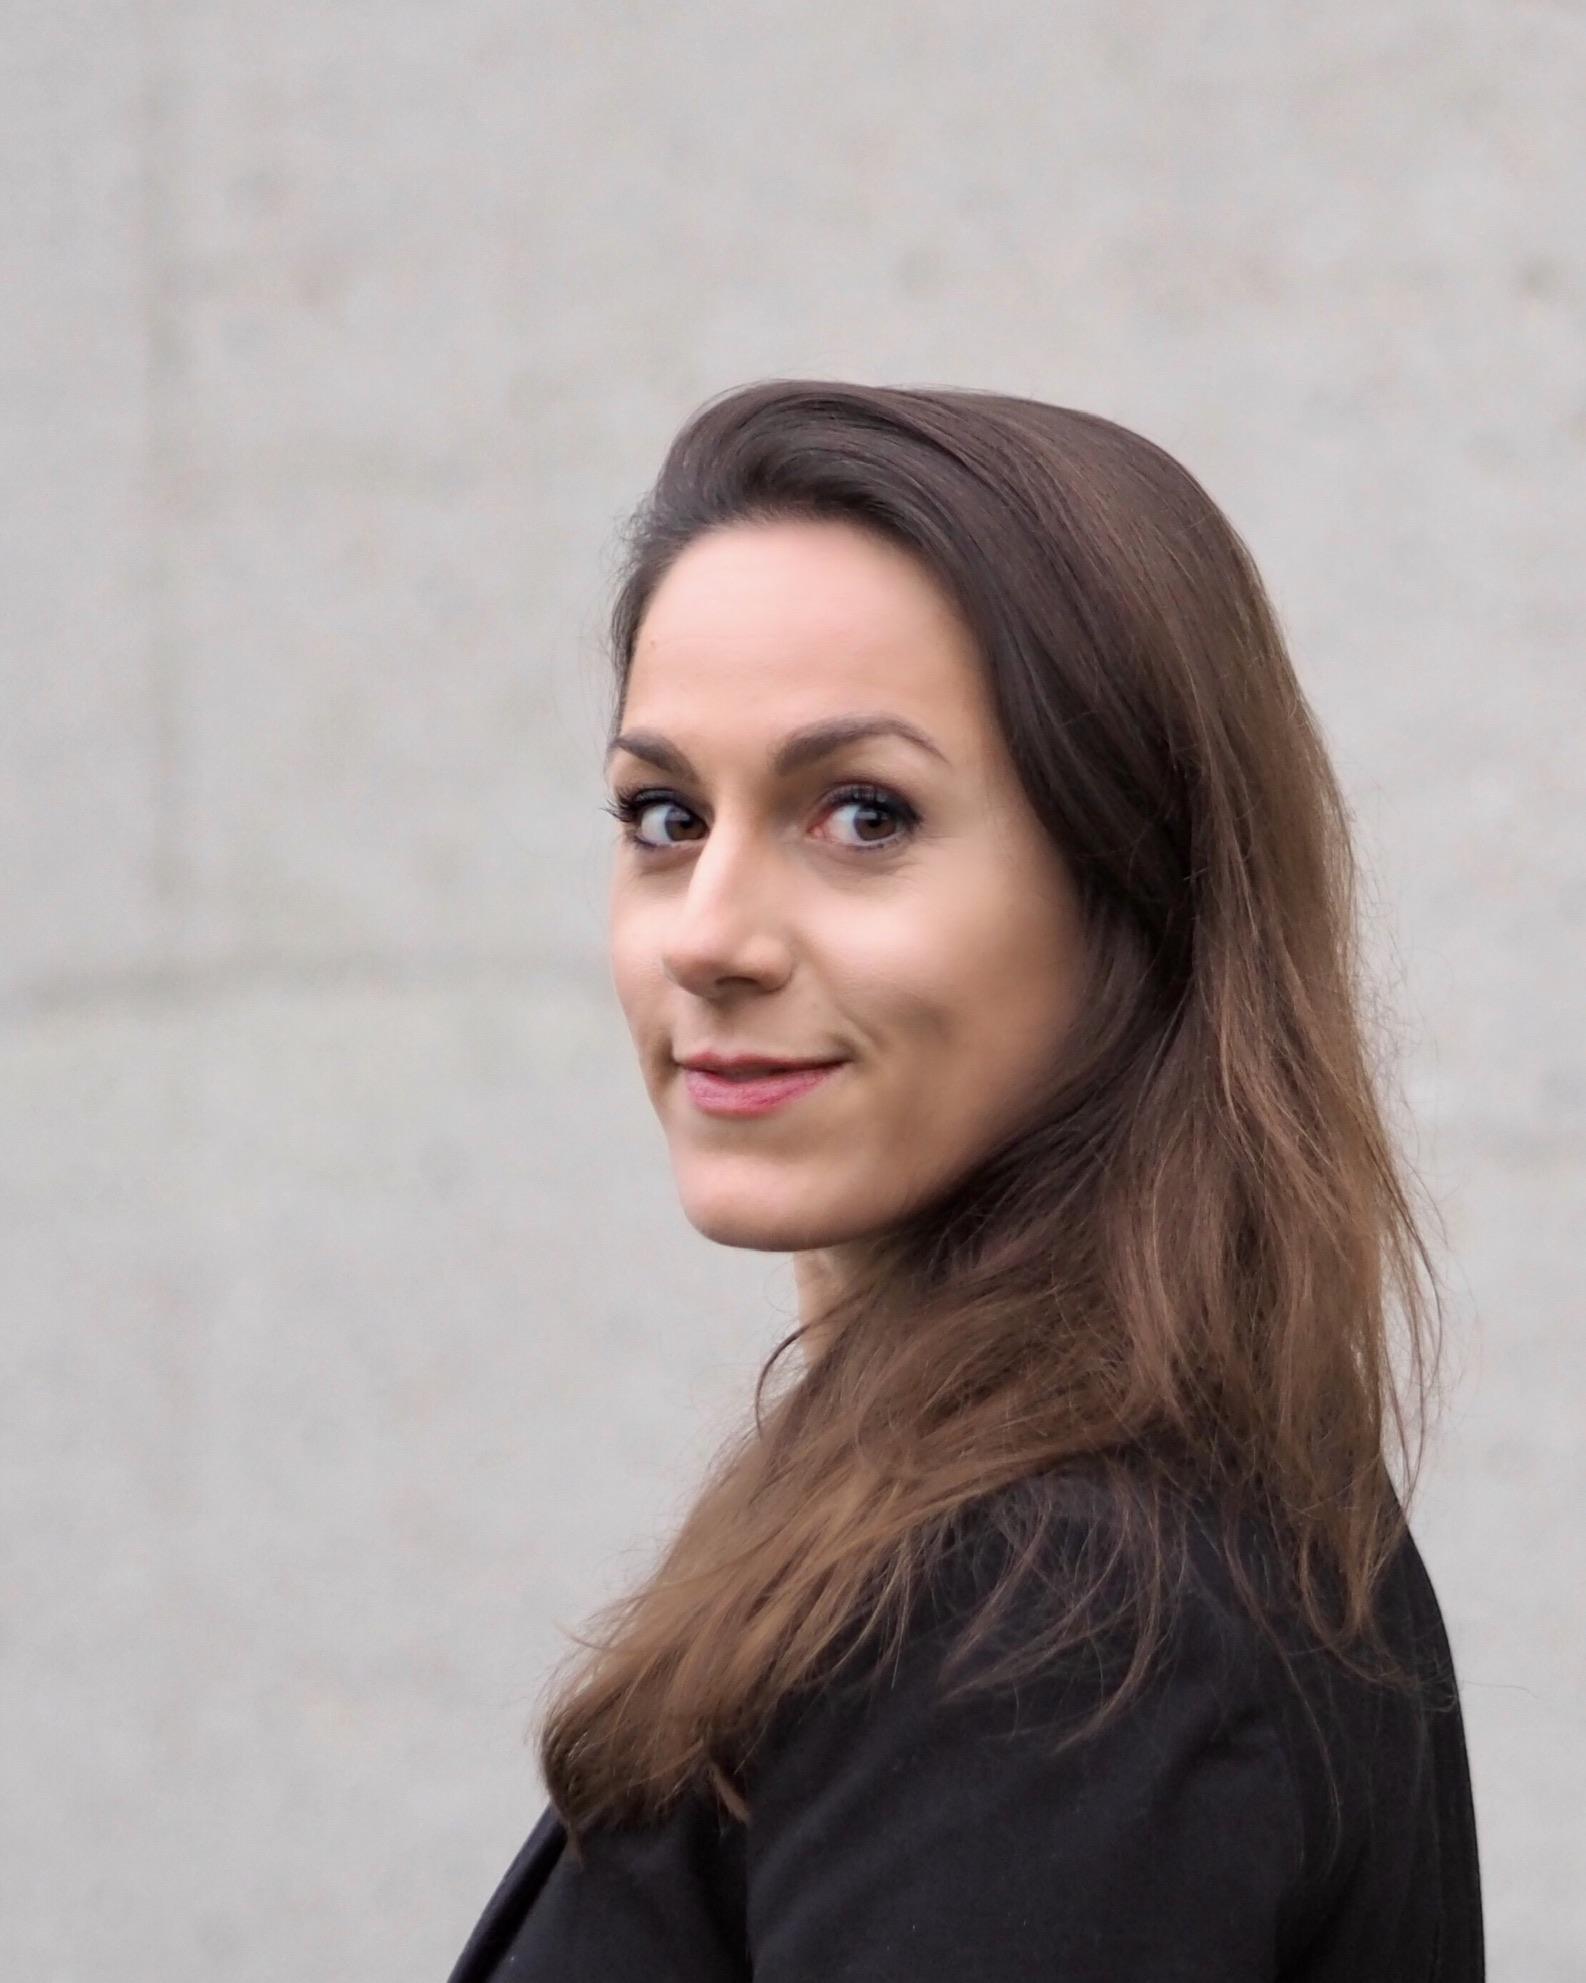 Isabelle Kappel